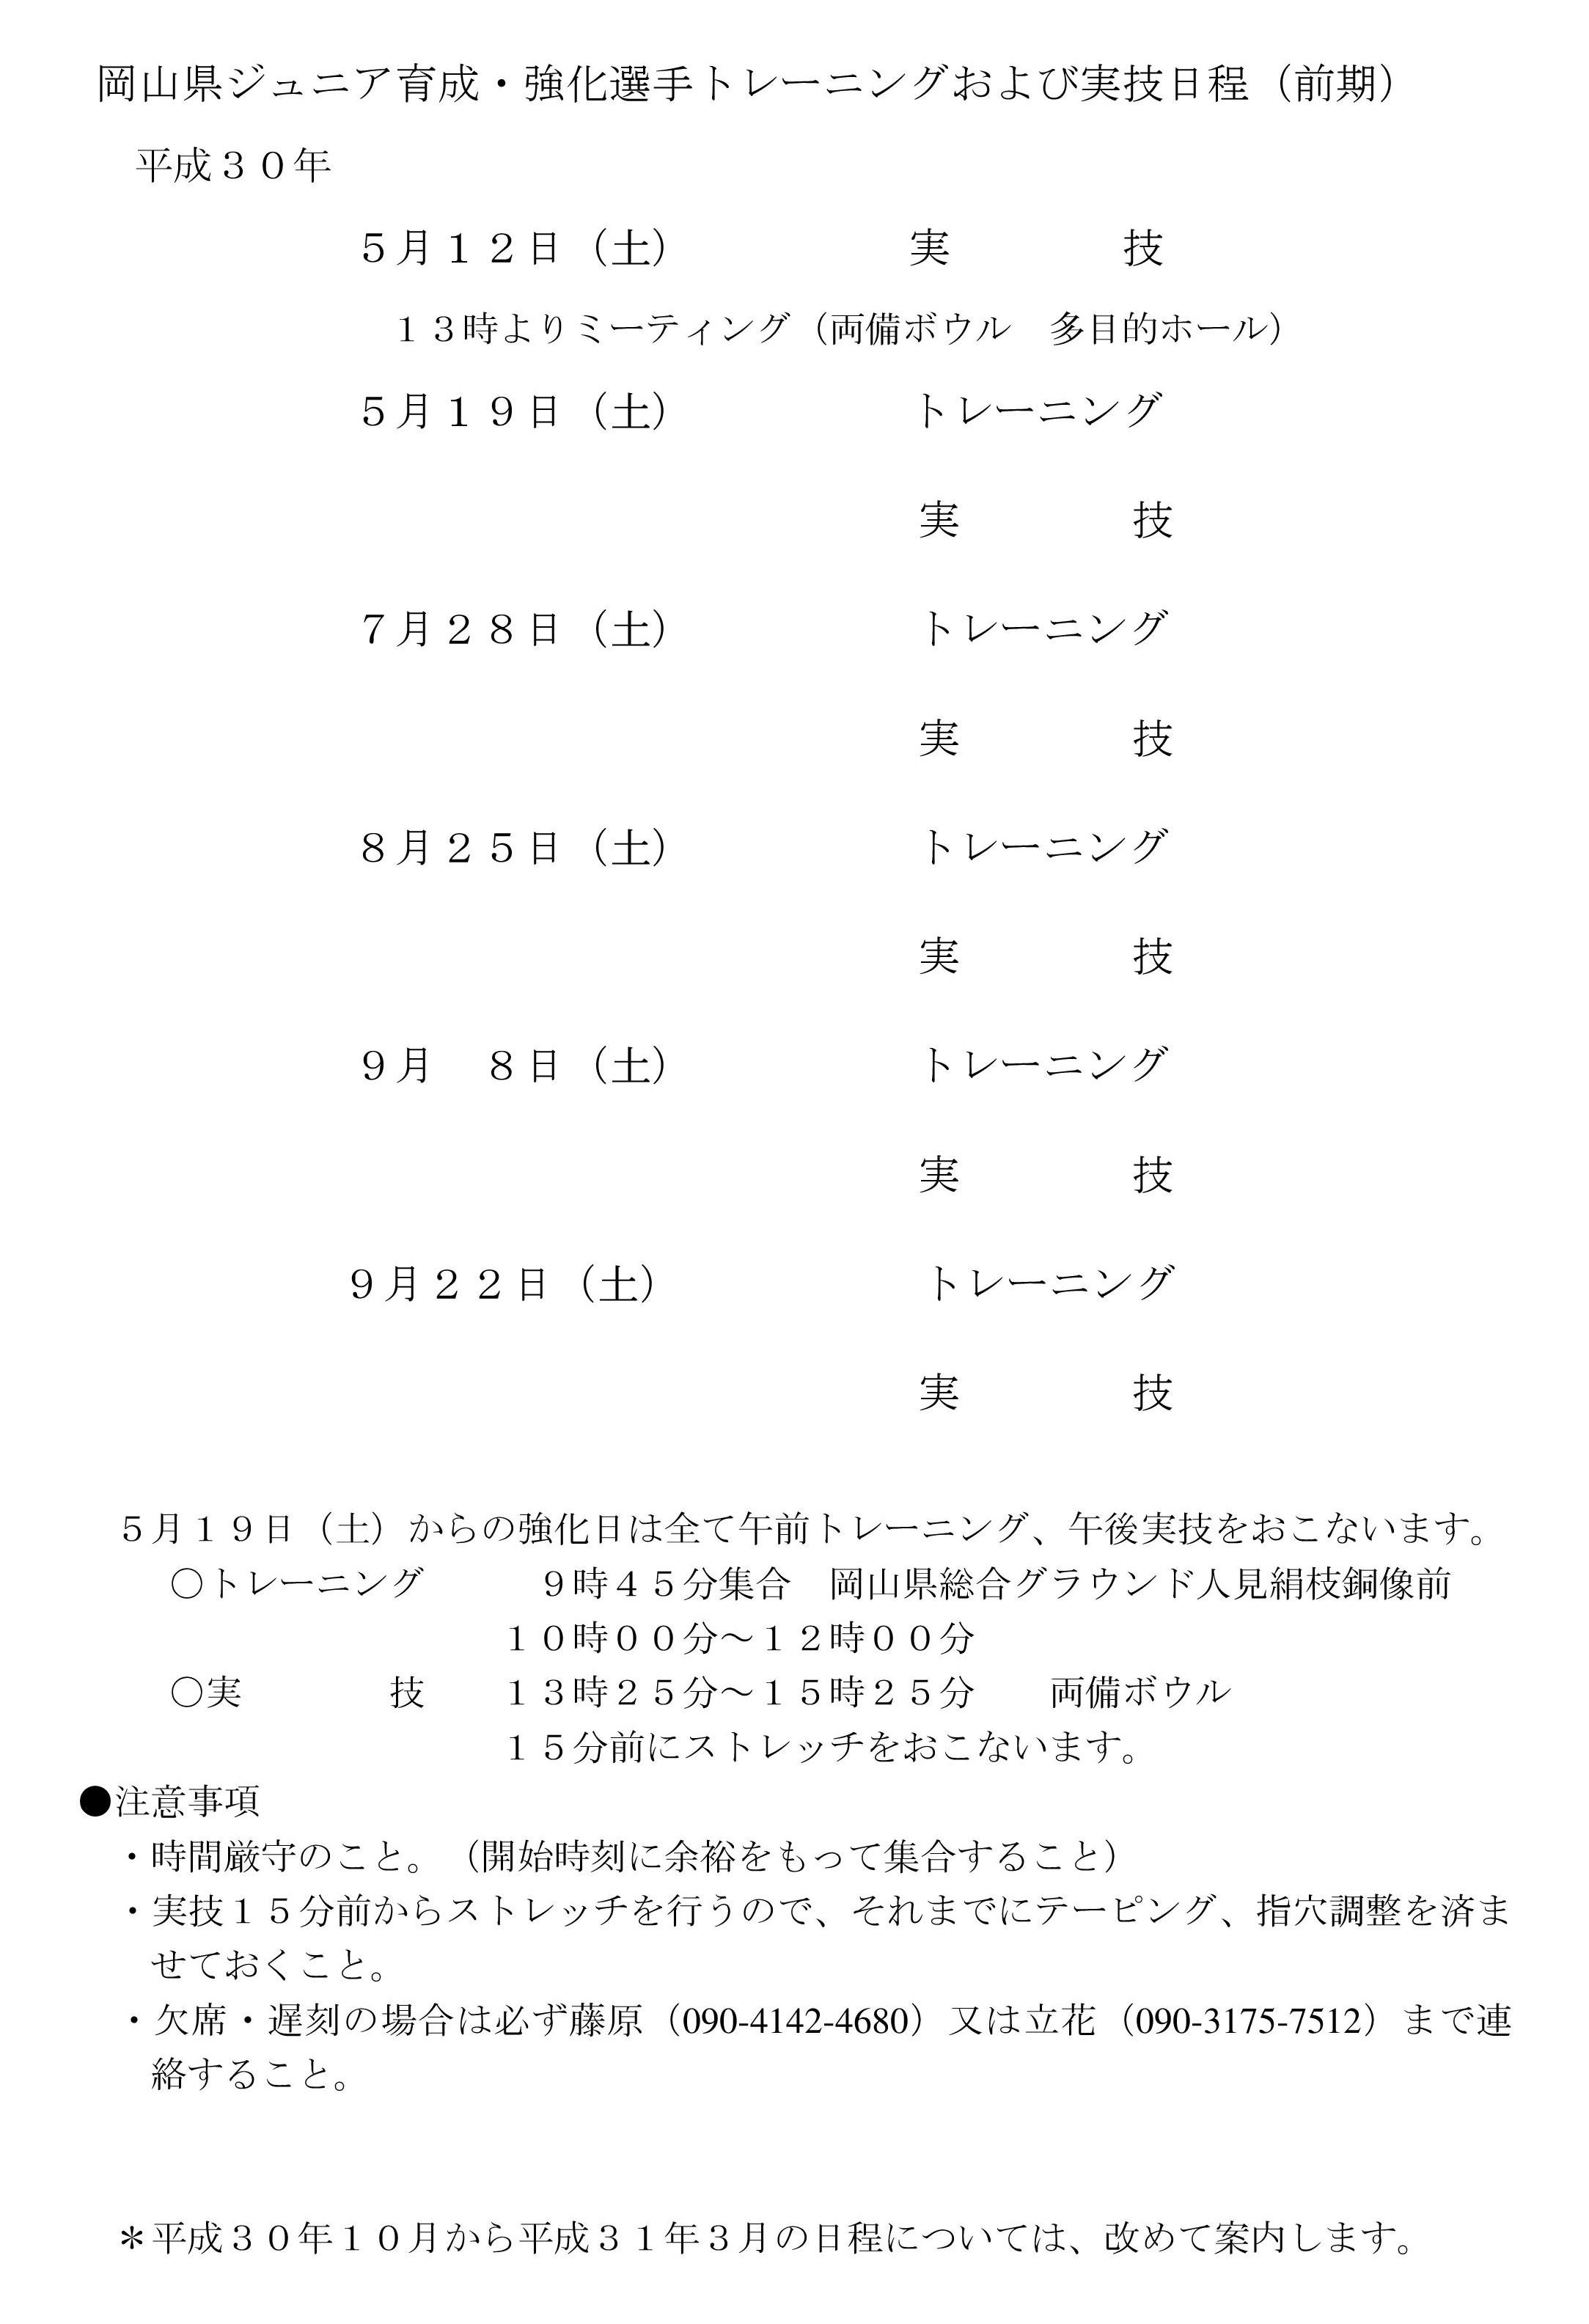 Microsoft Word - ジュニア育成・強化案内-002.jpg